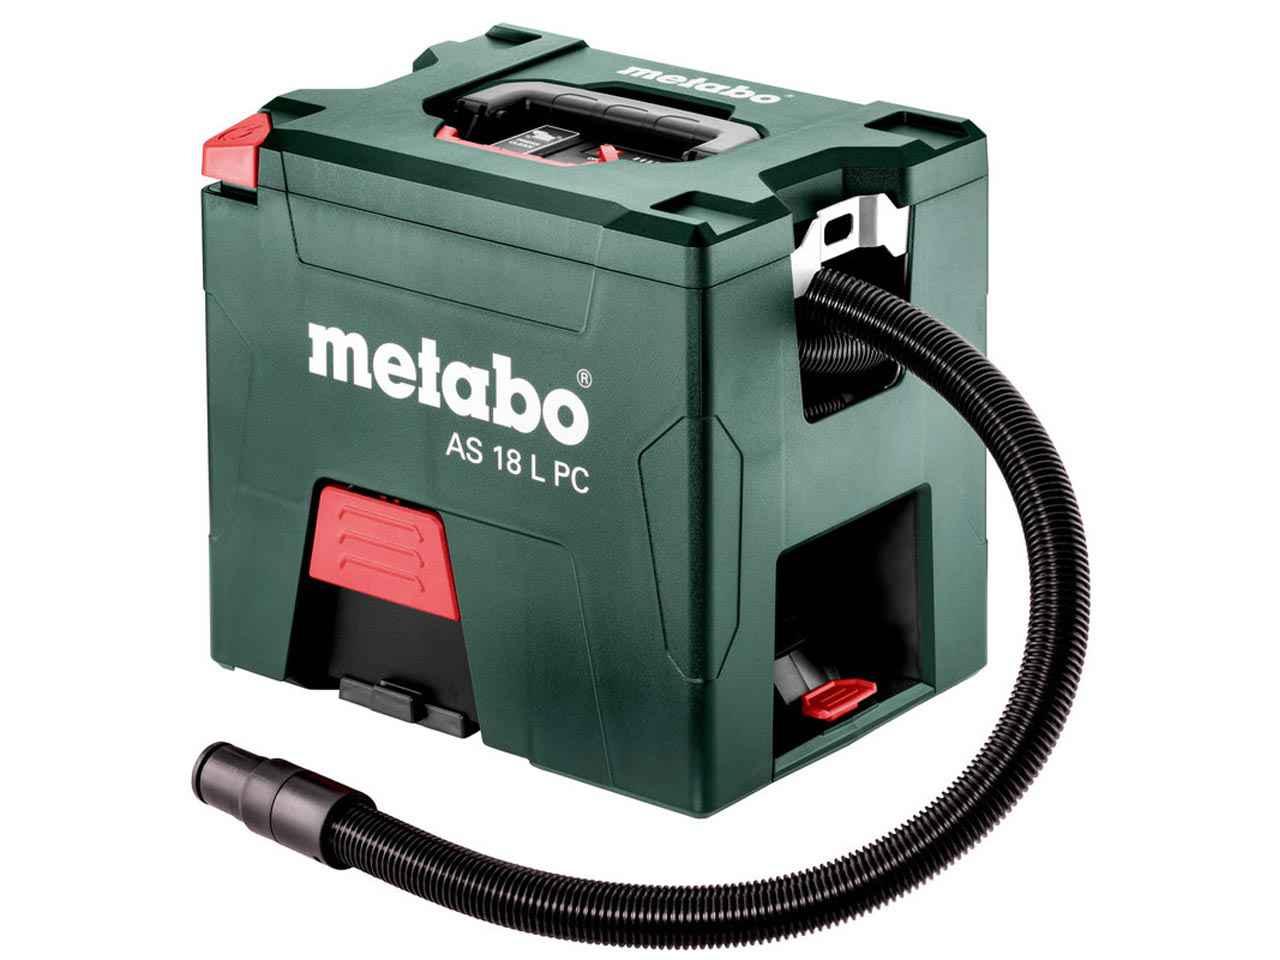 Metabo_602021850.jpg